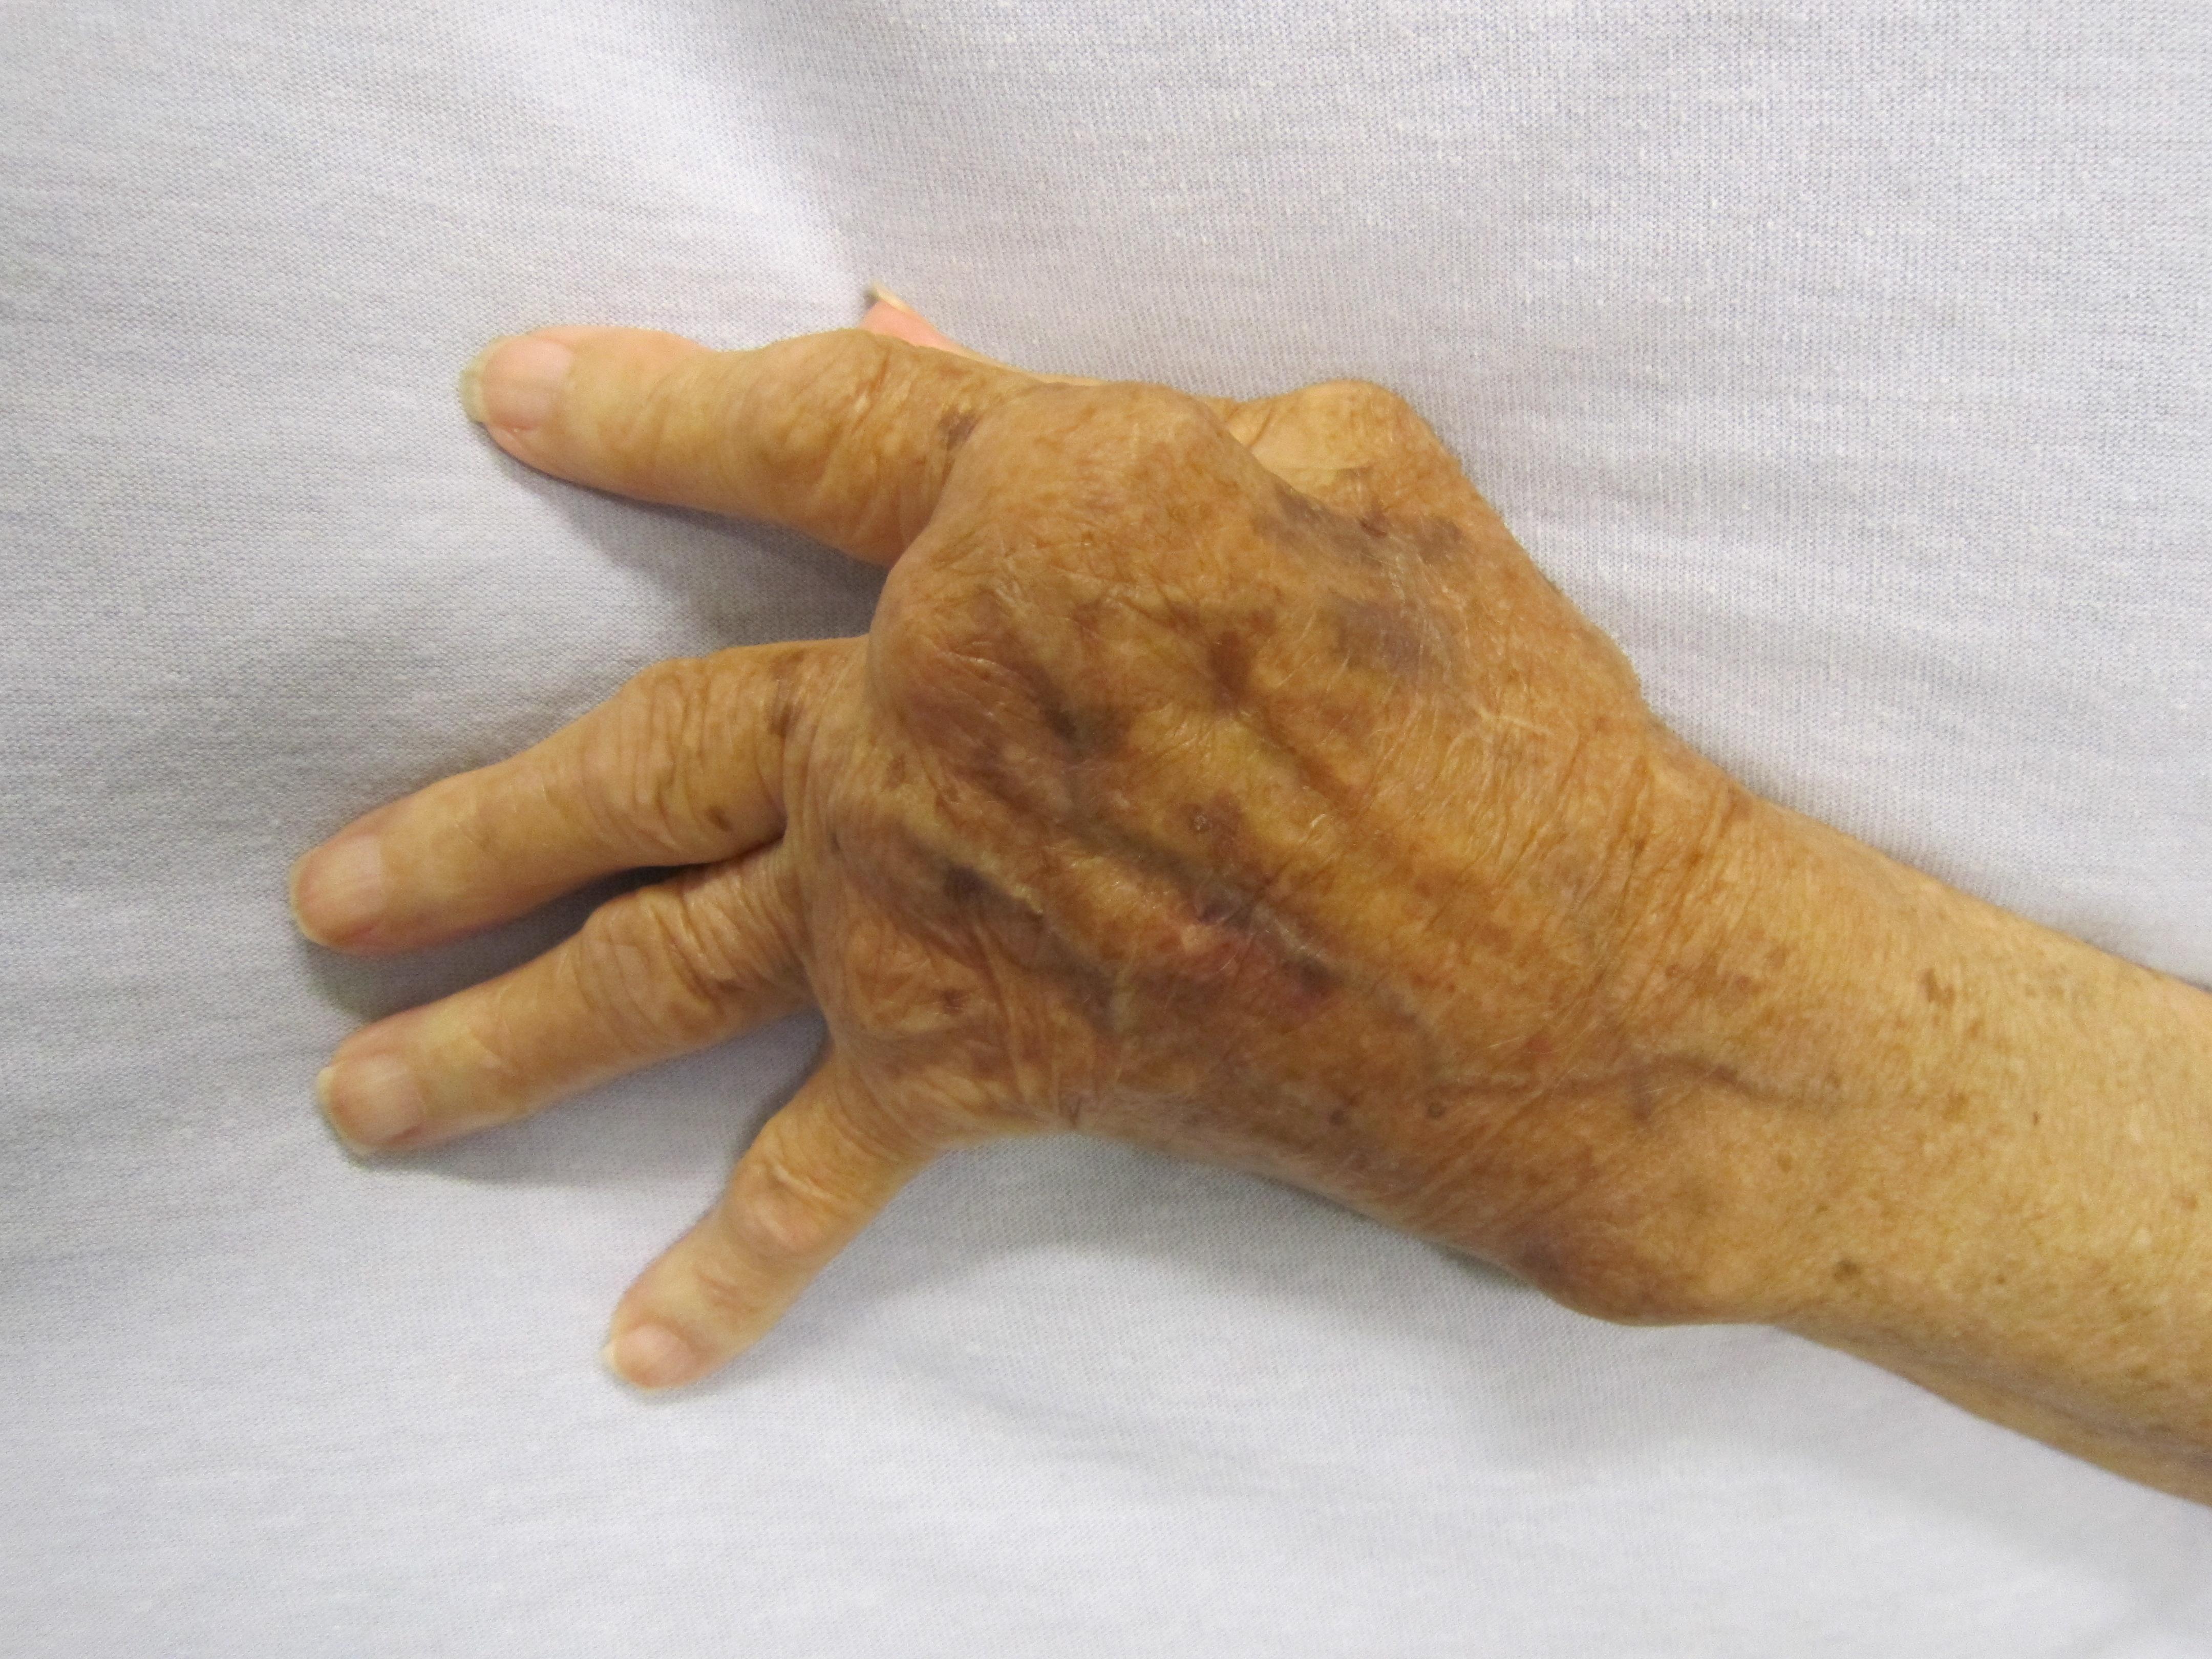 kis ízületi fájdalom az ujján ízületi fájdalmak zsibbadt ujjak